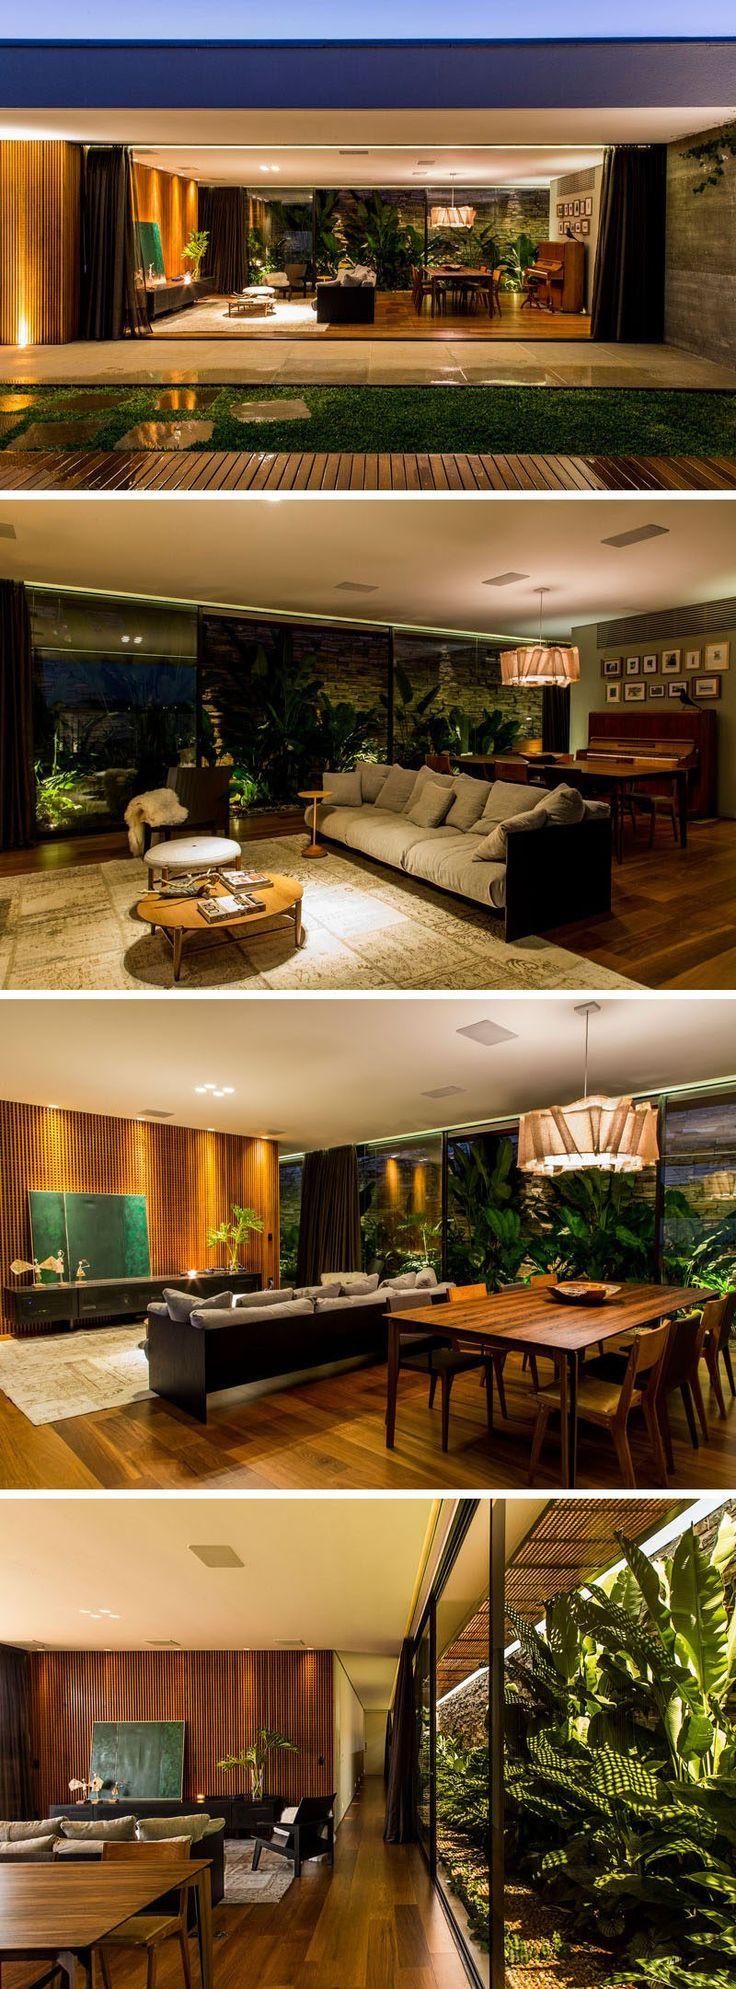 Nur auf der Seite von diesem Schwimmbad ist das Wohnzimmer und ein weiteres Gebiet davon nach Hause essen. Der offene Grundriss eröffnet auch auf der anderen Seite, einen Abschnitt von tropischen Pflanzen.